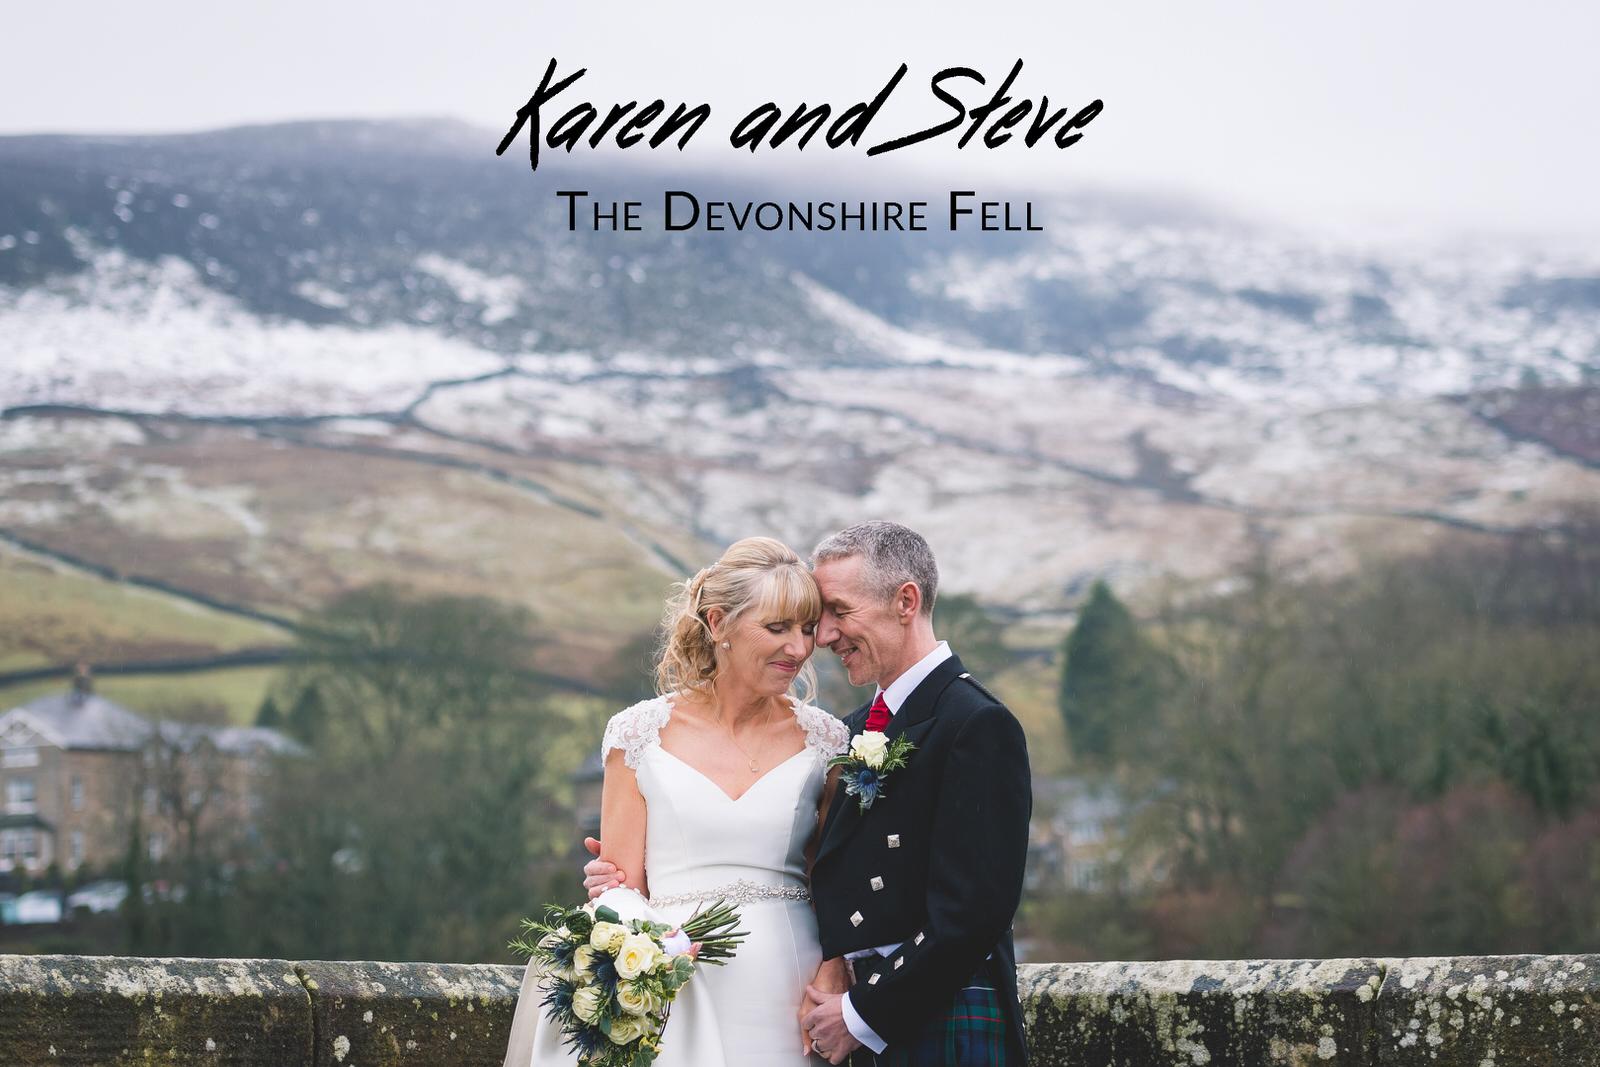 Karen and Steve's Wedding - The Devonshire Fell